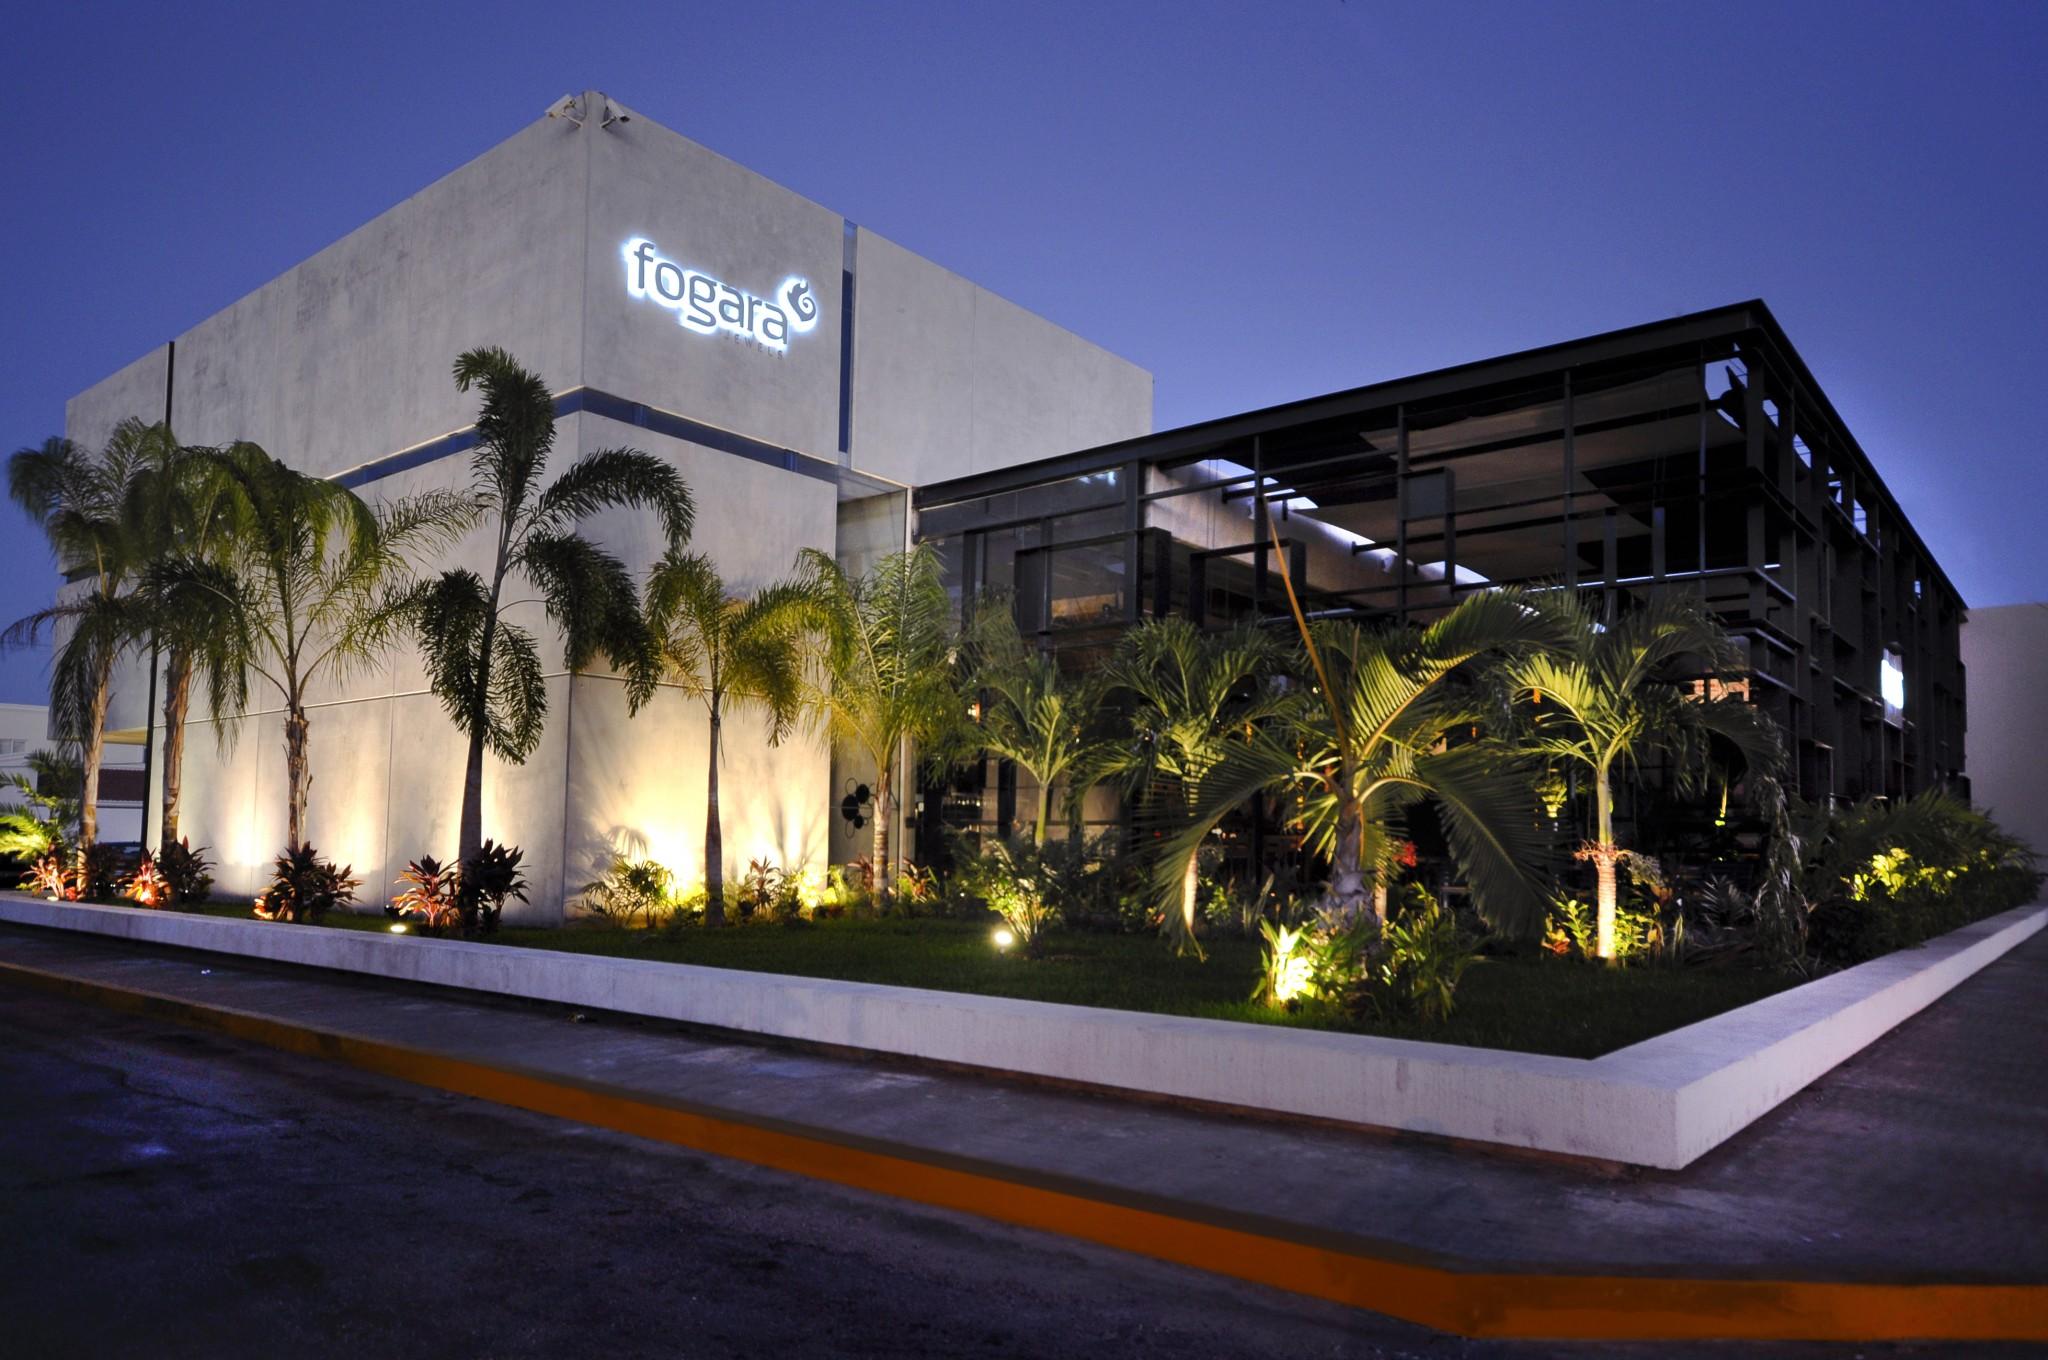 Fogara bryan s mu oz arquitectos for Restaurantes modernos exterior